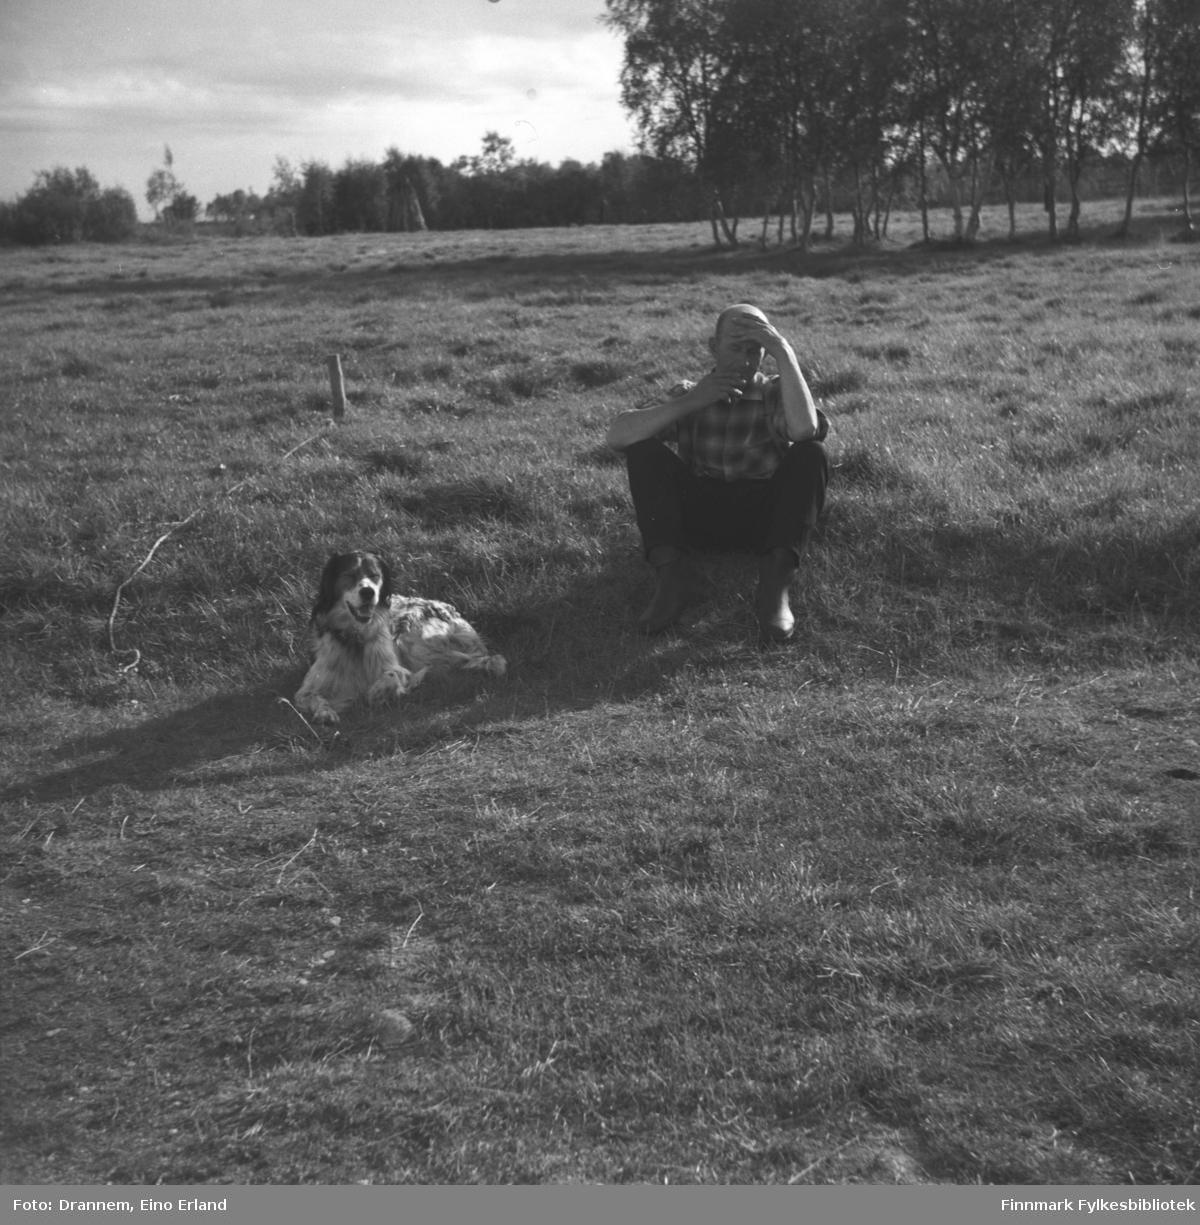 Uuno Lappalainen sitter på et jorde med hunden Rexi ved siden av seg. Stedet er ukjent.